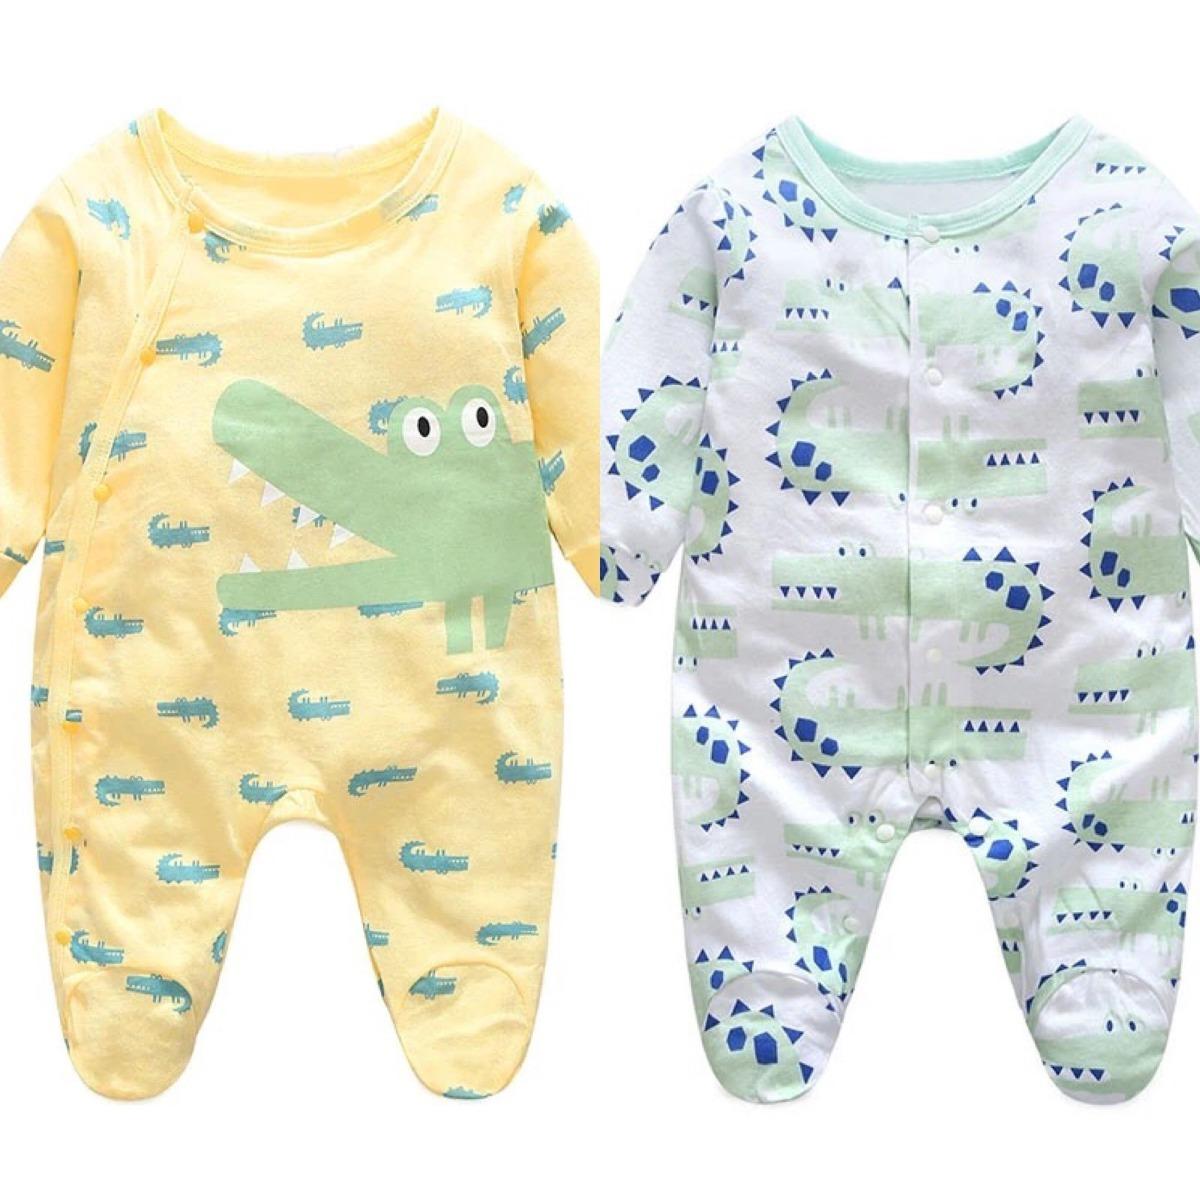 75e1cc5f8 ropa bebe 3 meses - enteritos y 1 gorro a juego - cocodrilos. Cargando zoom.